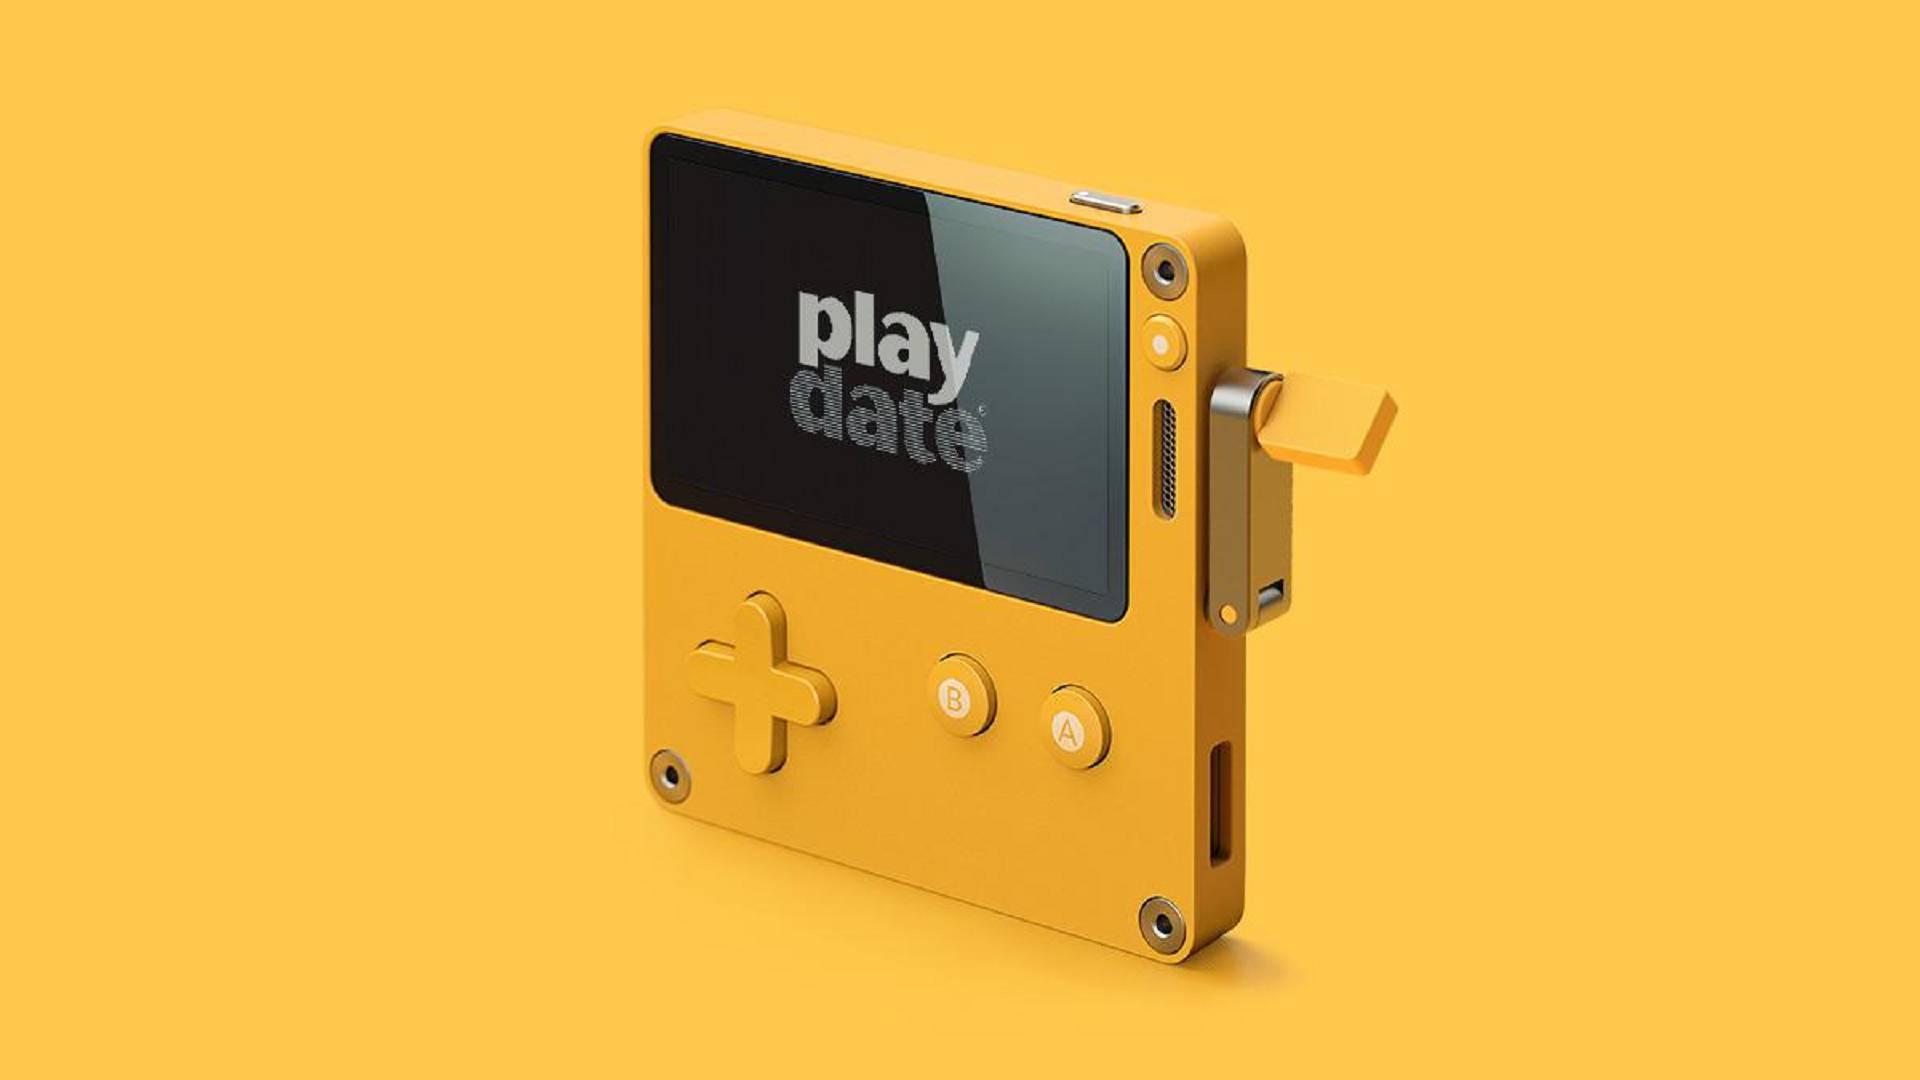 PlayDate 1920x1080